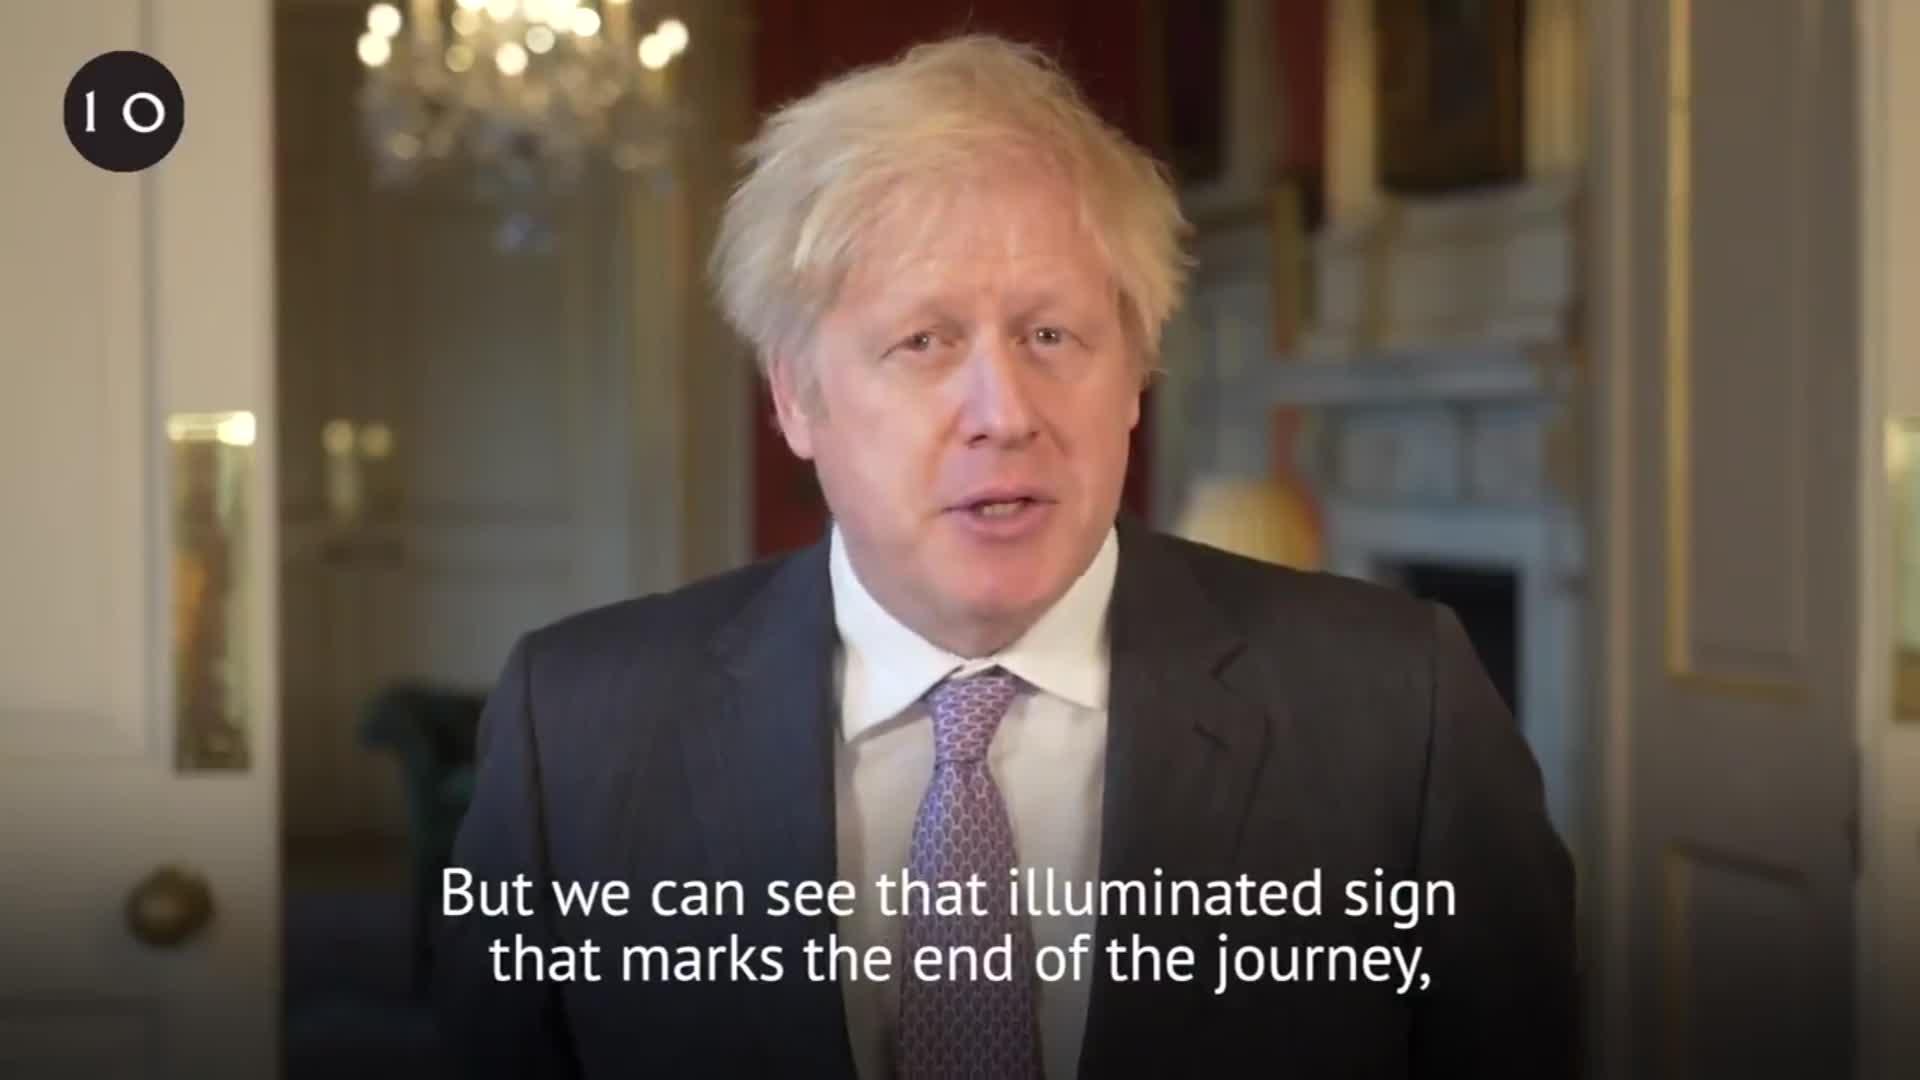 UK Prime Minister Boris Johnson speaks during his New Year's address on December 31.